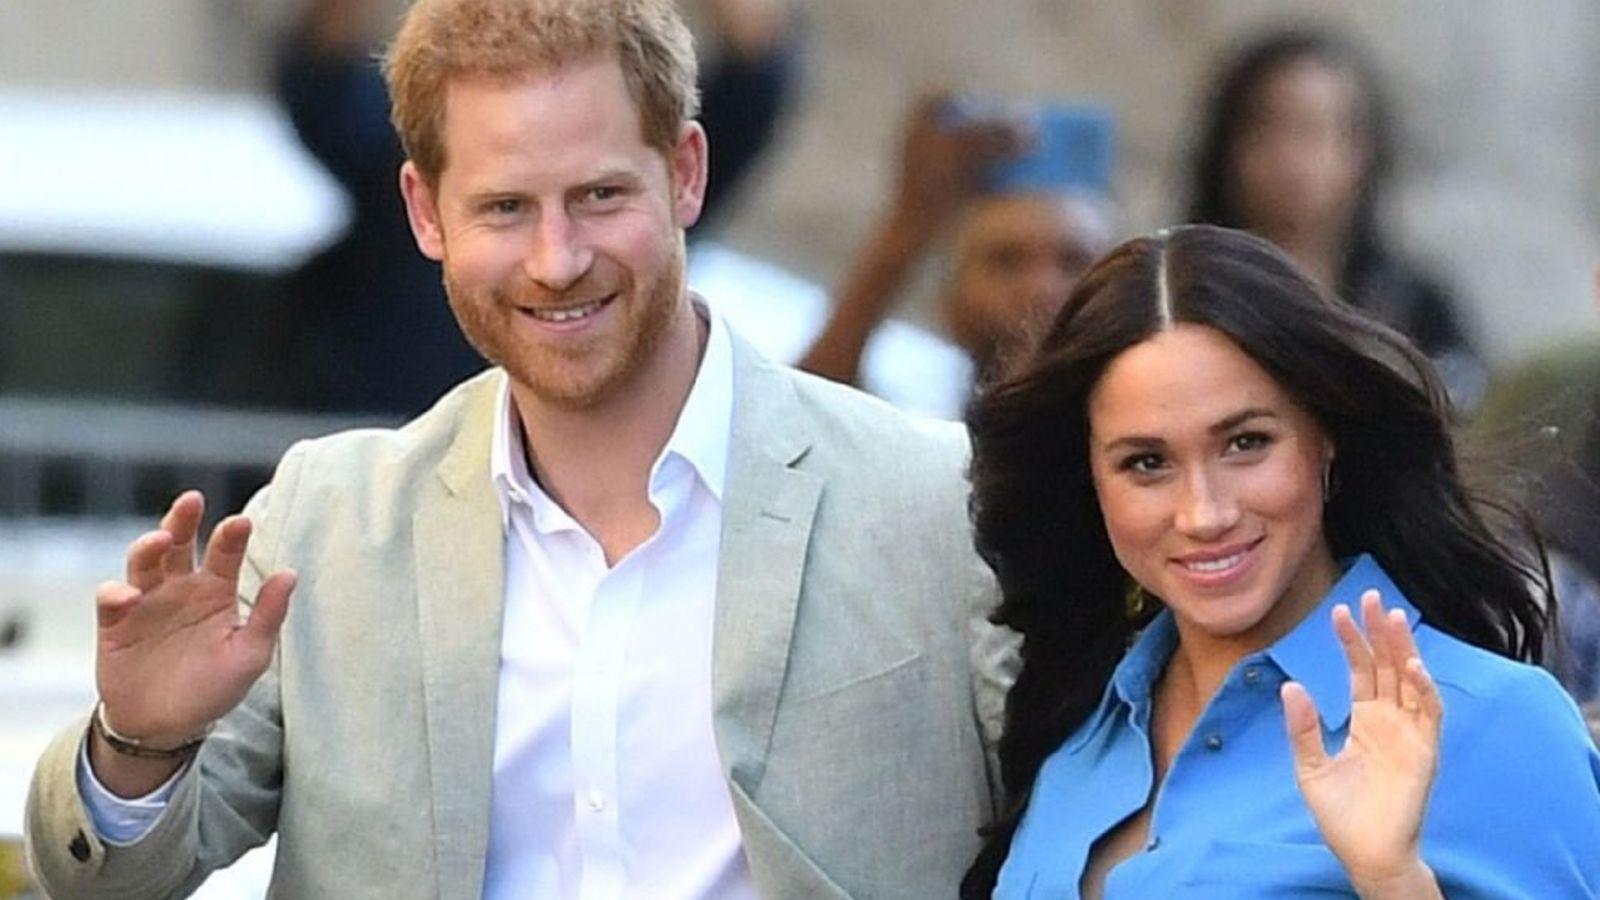 Μέγκαν Μαρκλ - Πρίγκιπας Χάρι: «Γνωρίζουν το φύλο του παιδιού τους. Ως κοινοί θνητοί, δεν δεσμεύονται από τους περιορισμούς του Μπάκιγχαμ» είπε η βιογράφος τους